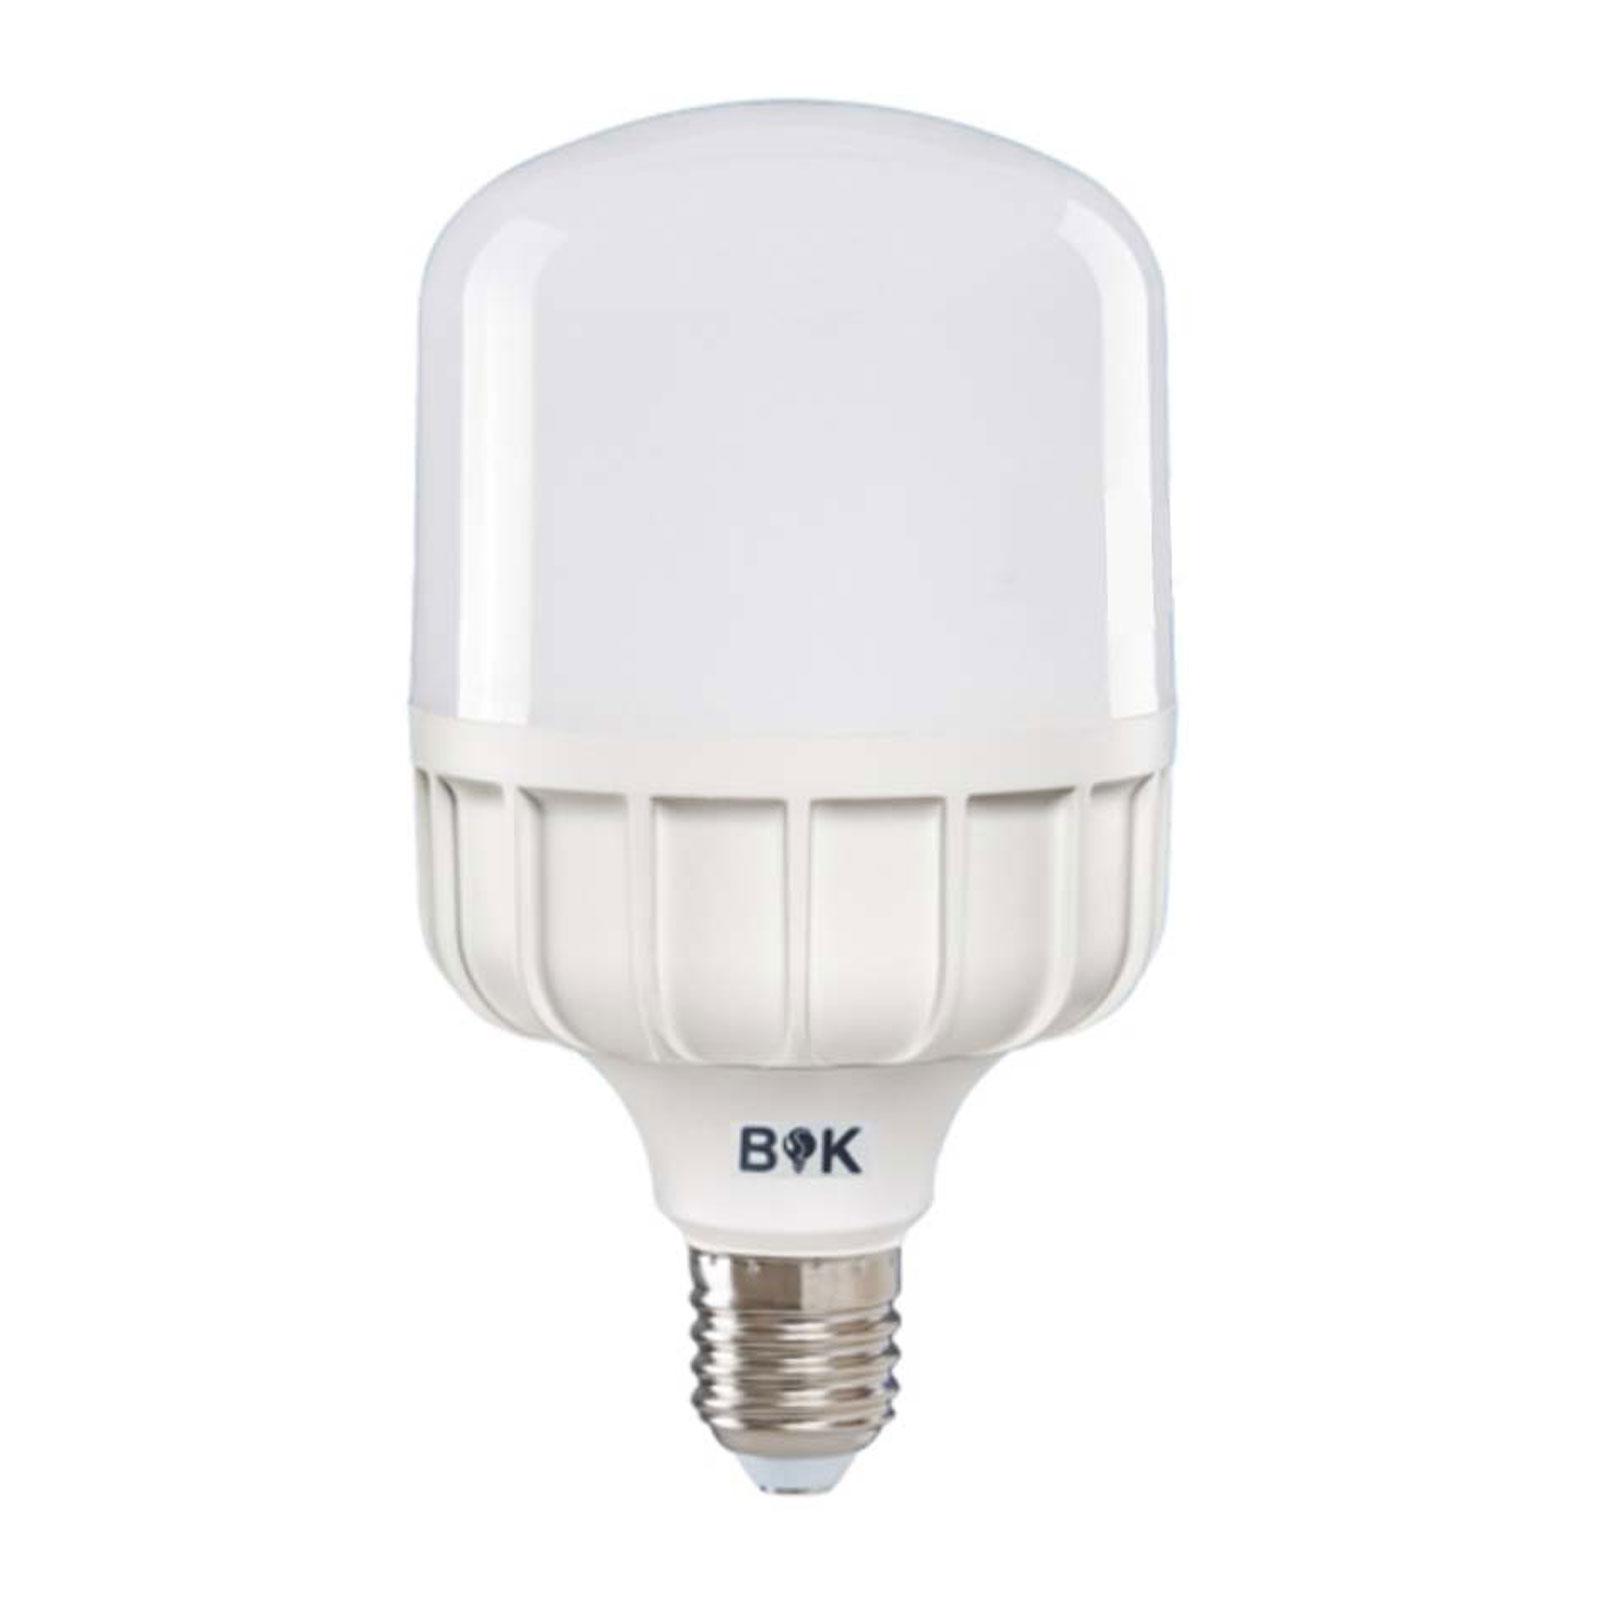 لامپ ال ای دی استوانه ای 50 وات بابک